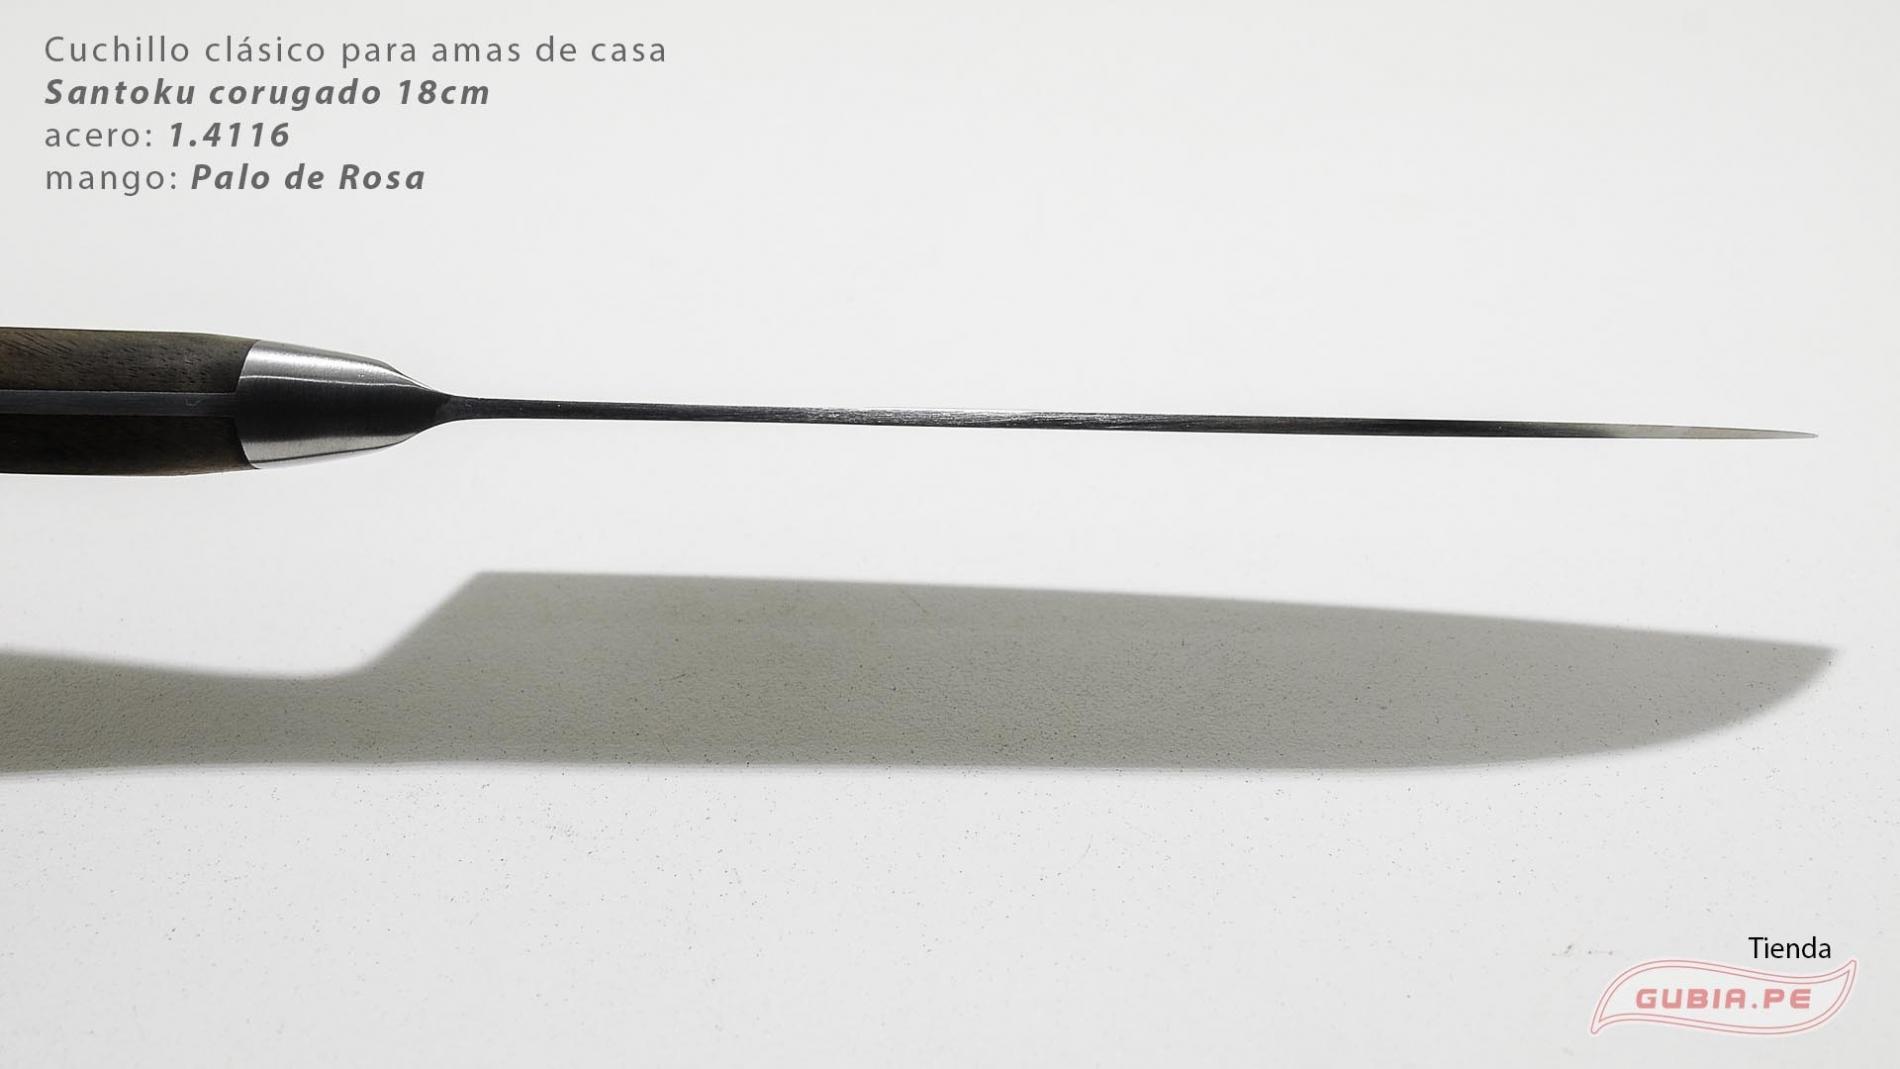 C1s18-Cuchillo Santoku 18cm  acero 1.4116 Palo de Rosa Clásico C1s18-max-5.